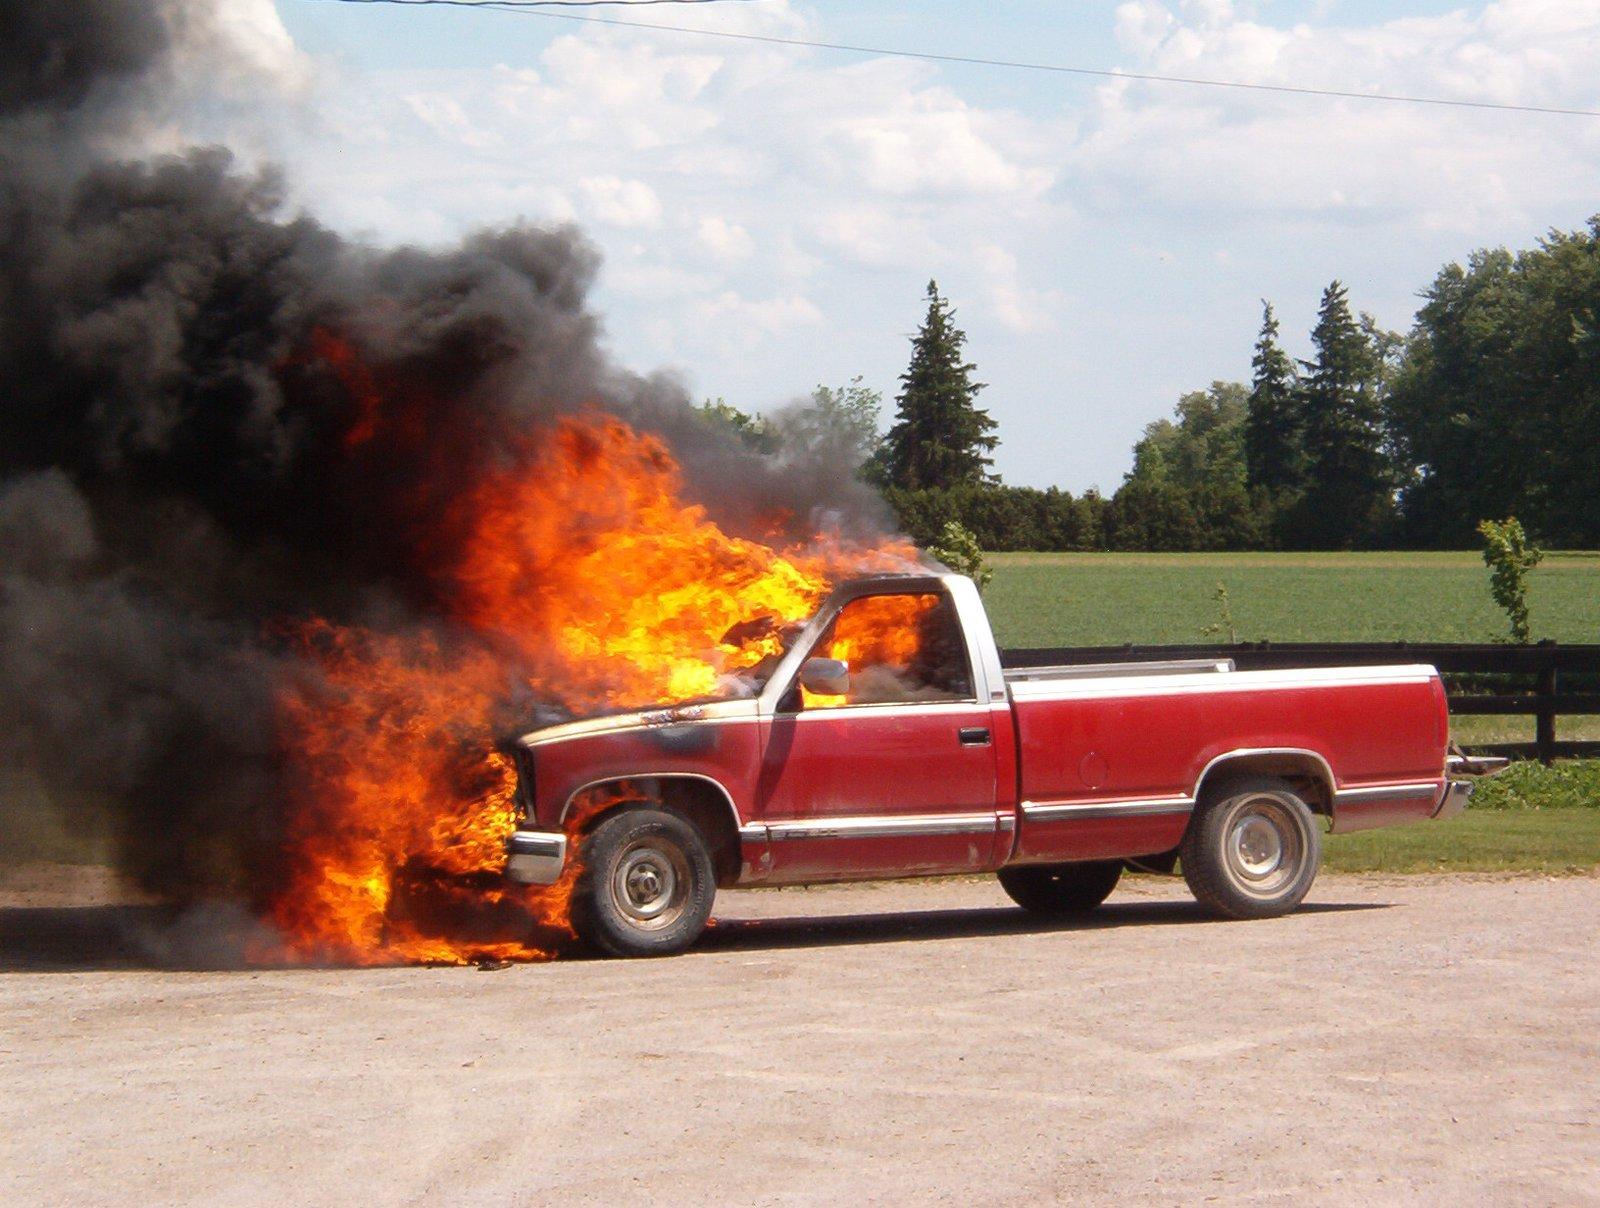 '88 Sierra, Up in flames